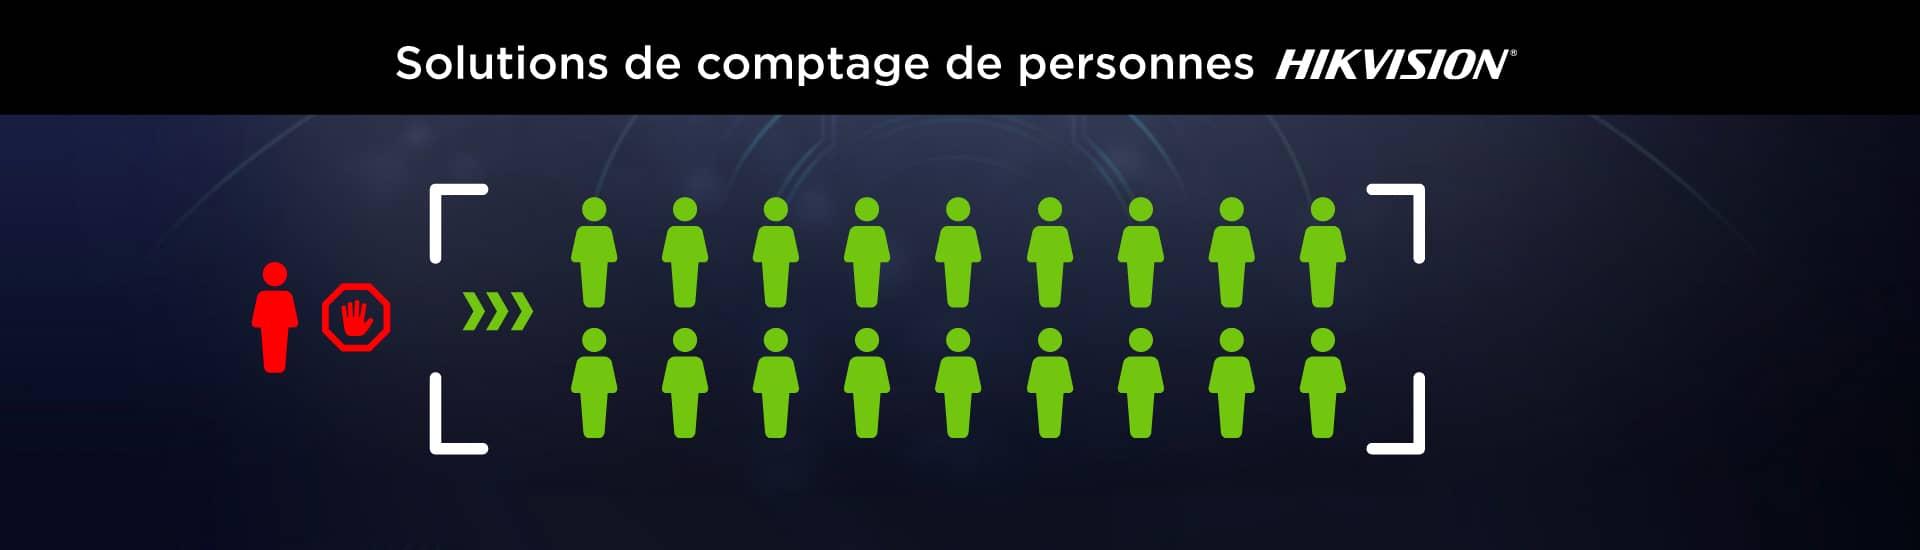 comptage de personnes